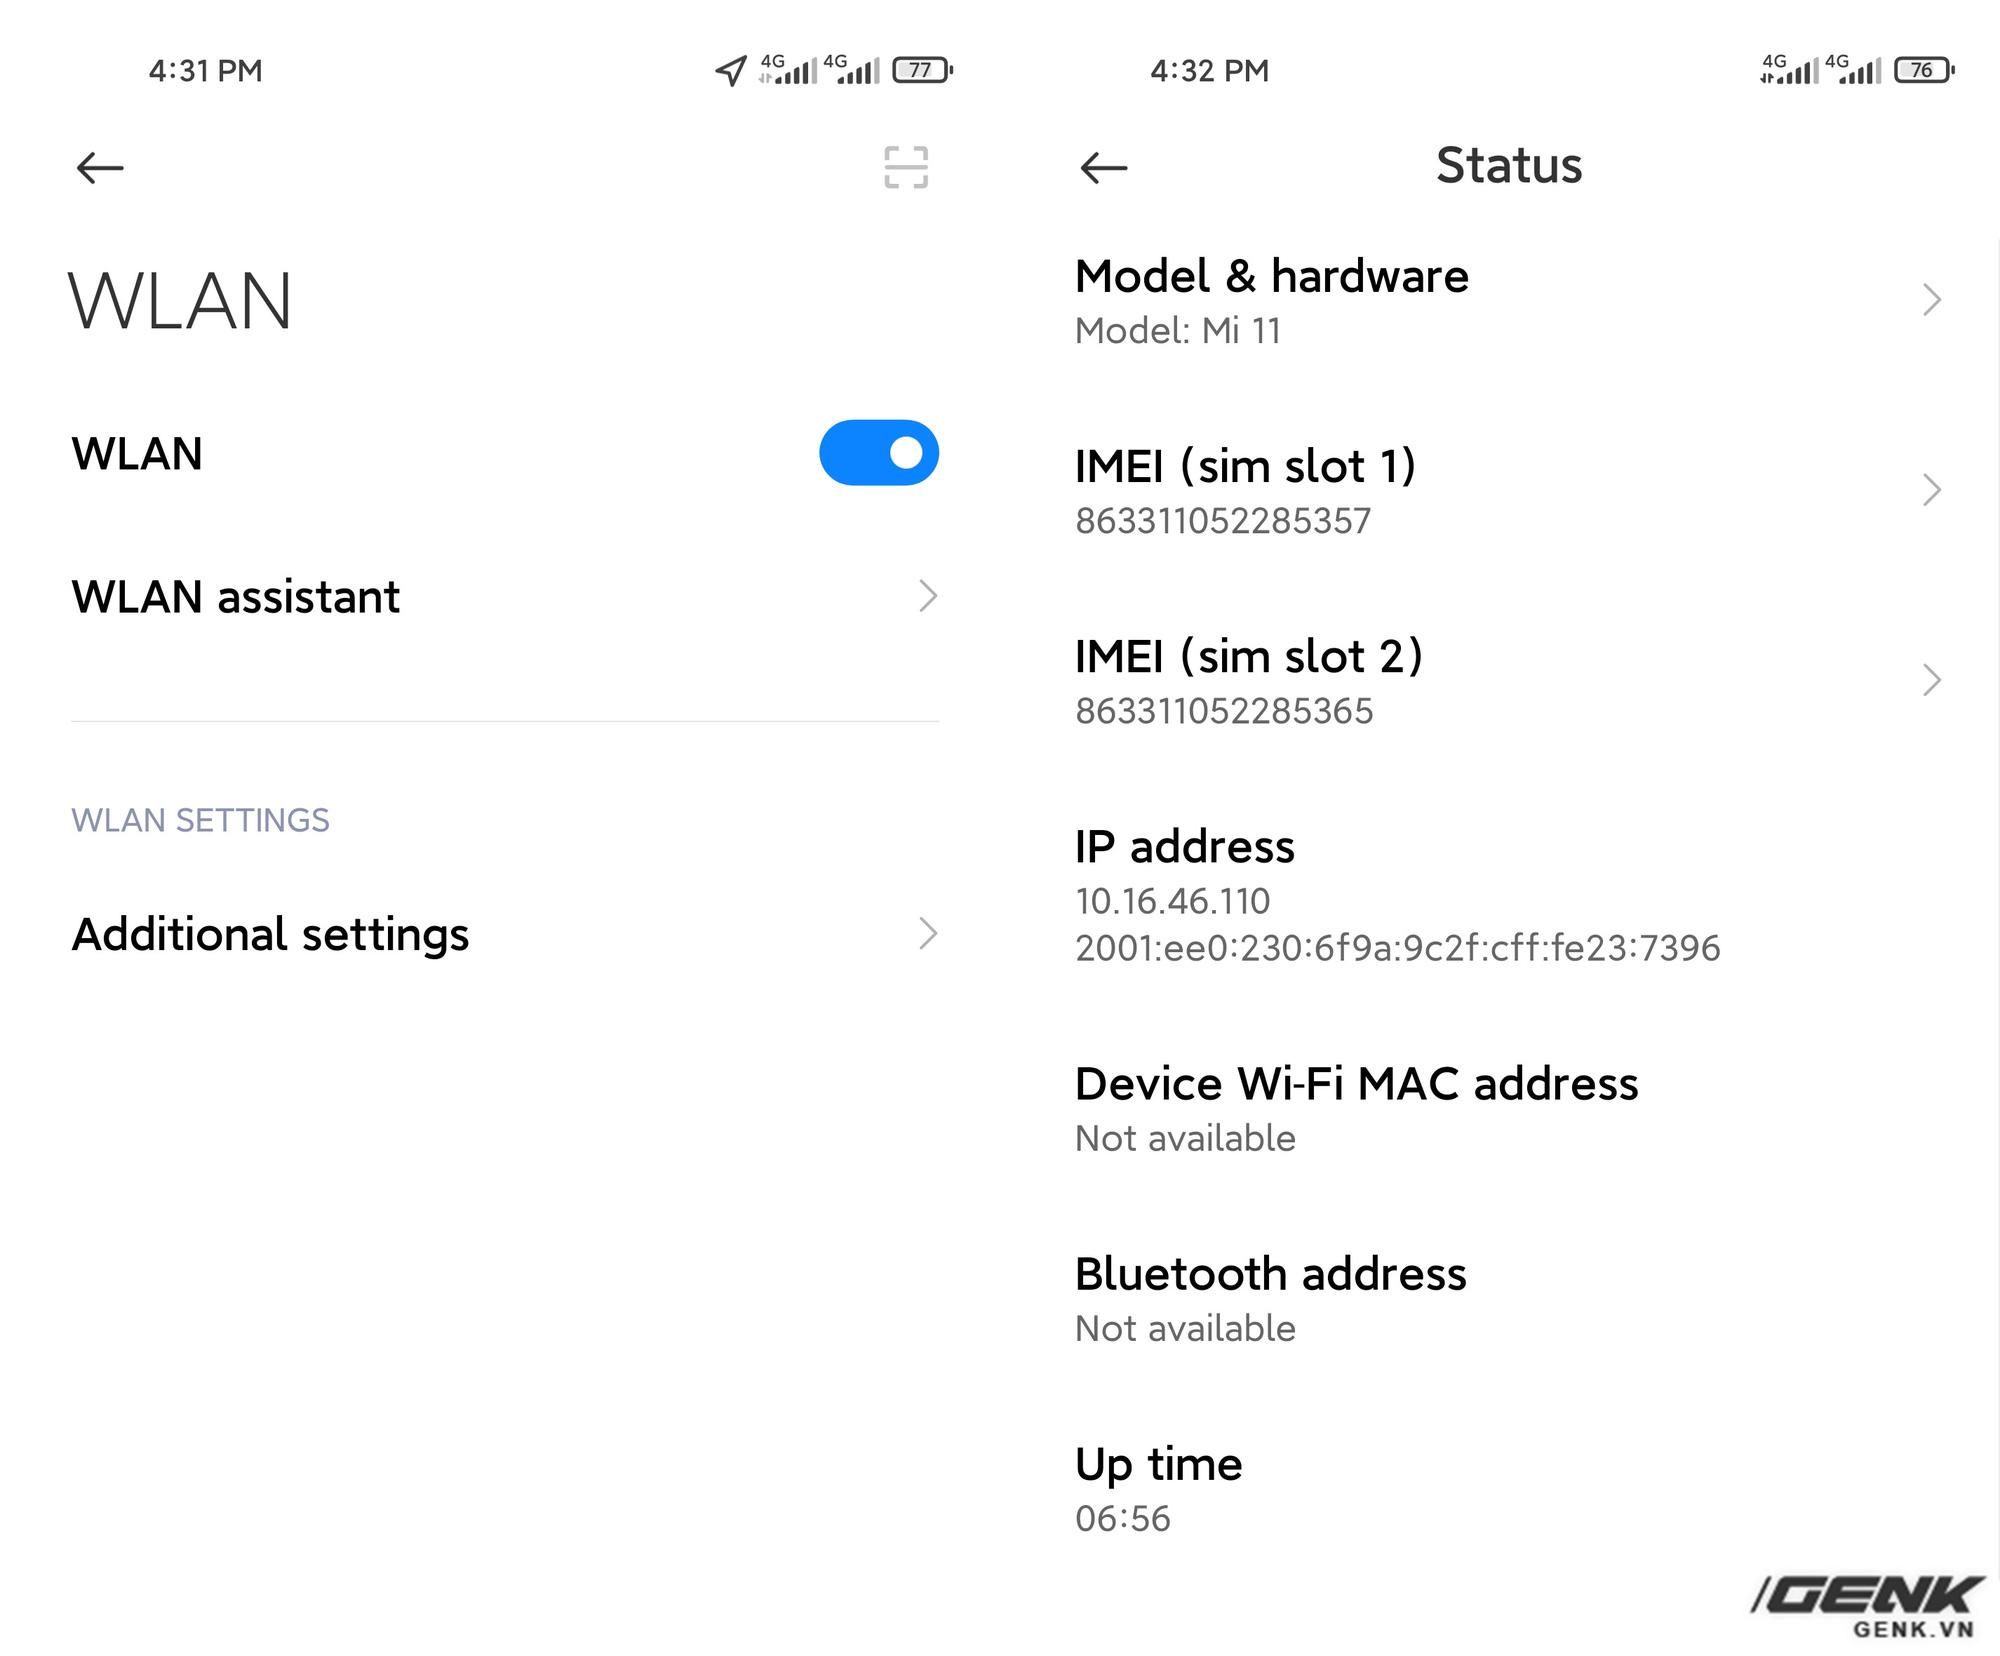 Mới ra mắt được vài tháng, Xiaomi Mi 11 đã gặp lỗi phần cứng nghiêm trọng khiến người dùng xách tay điêu đứng - Ảnh 2.